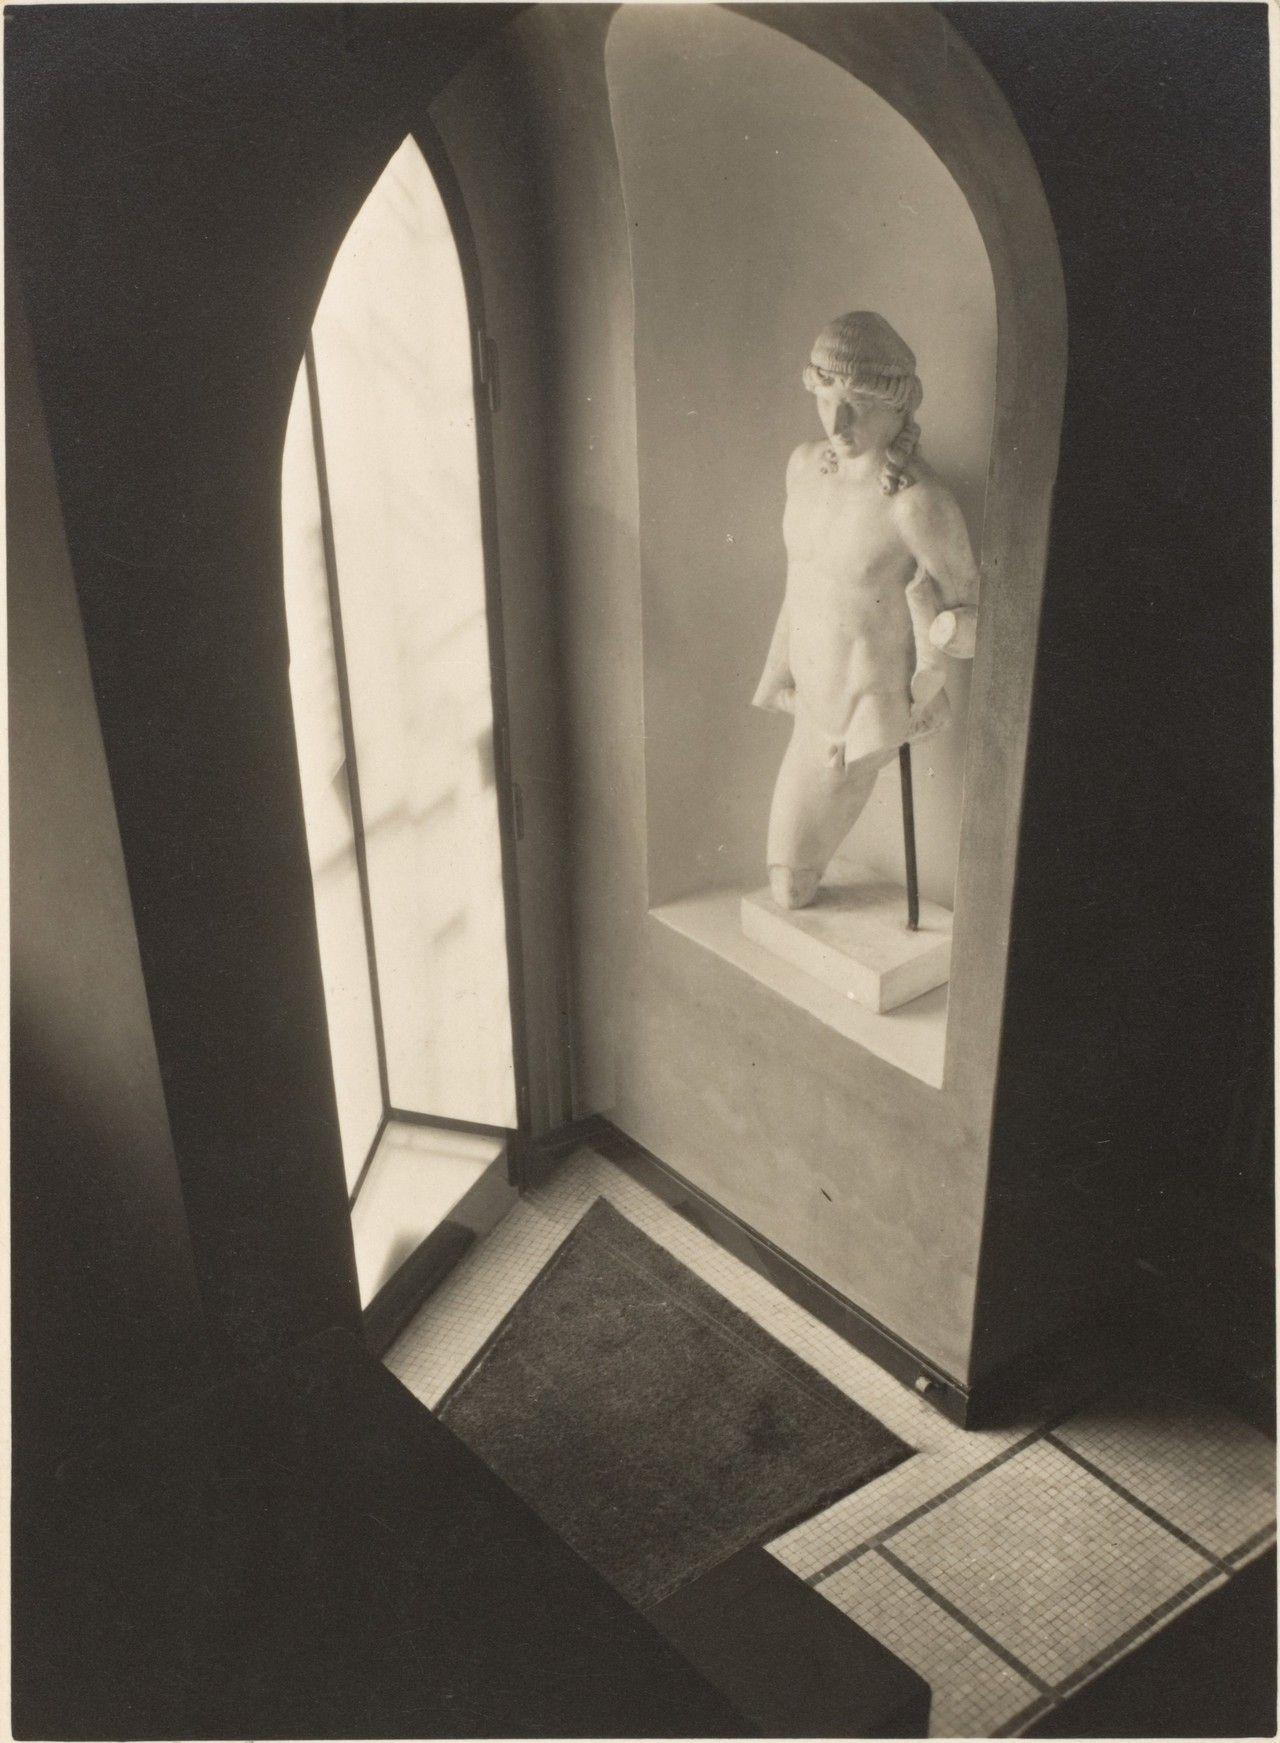 André Kertész(Hungarian/American, 1894-1985)Interior with sculpture, 1920s. Gelatin silver print.